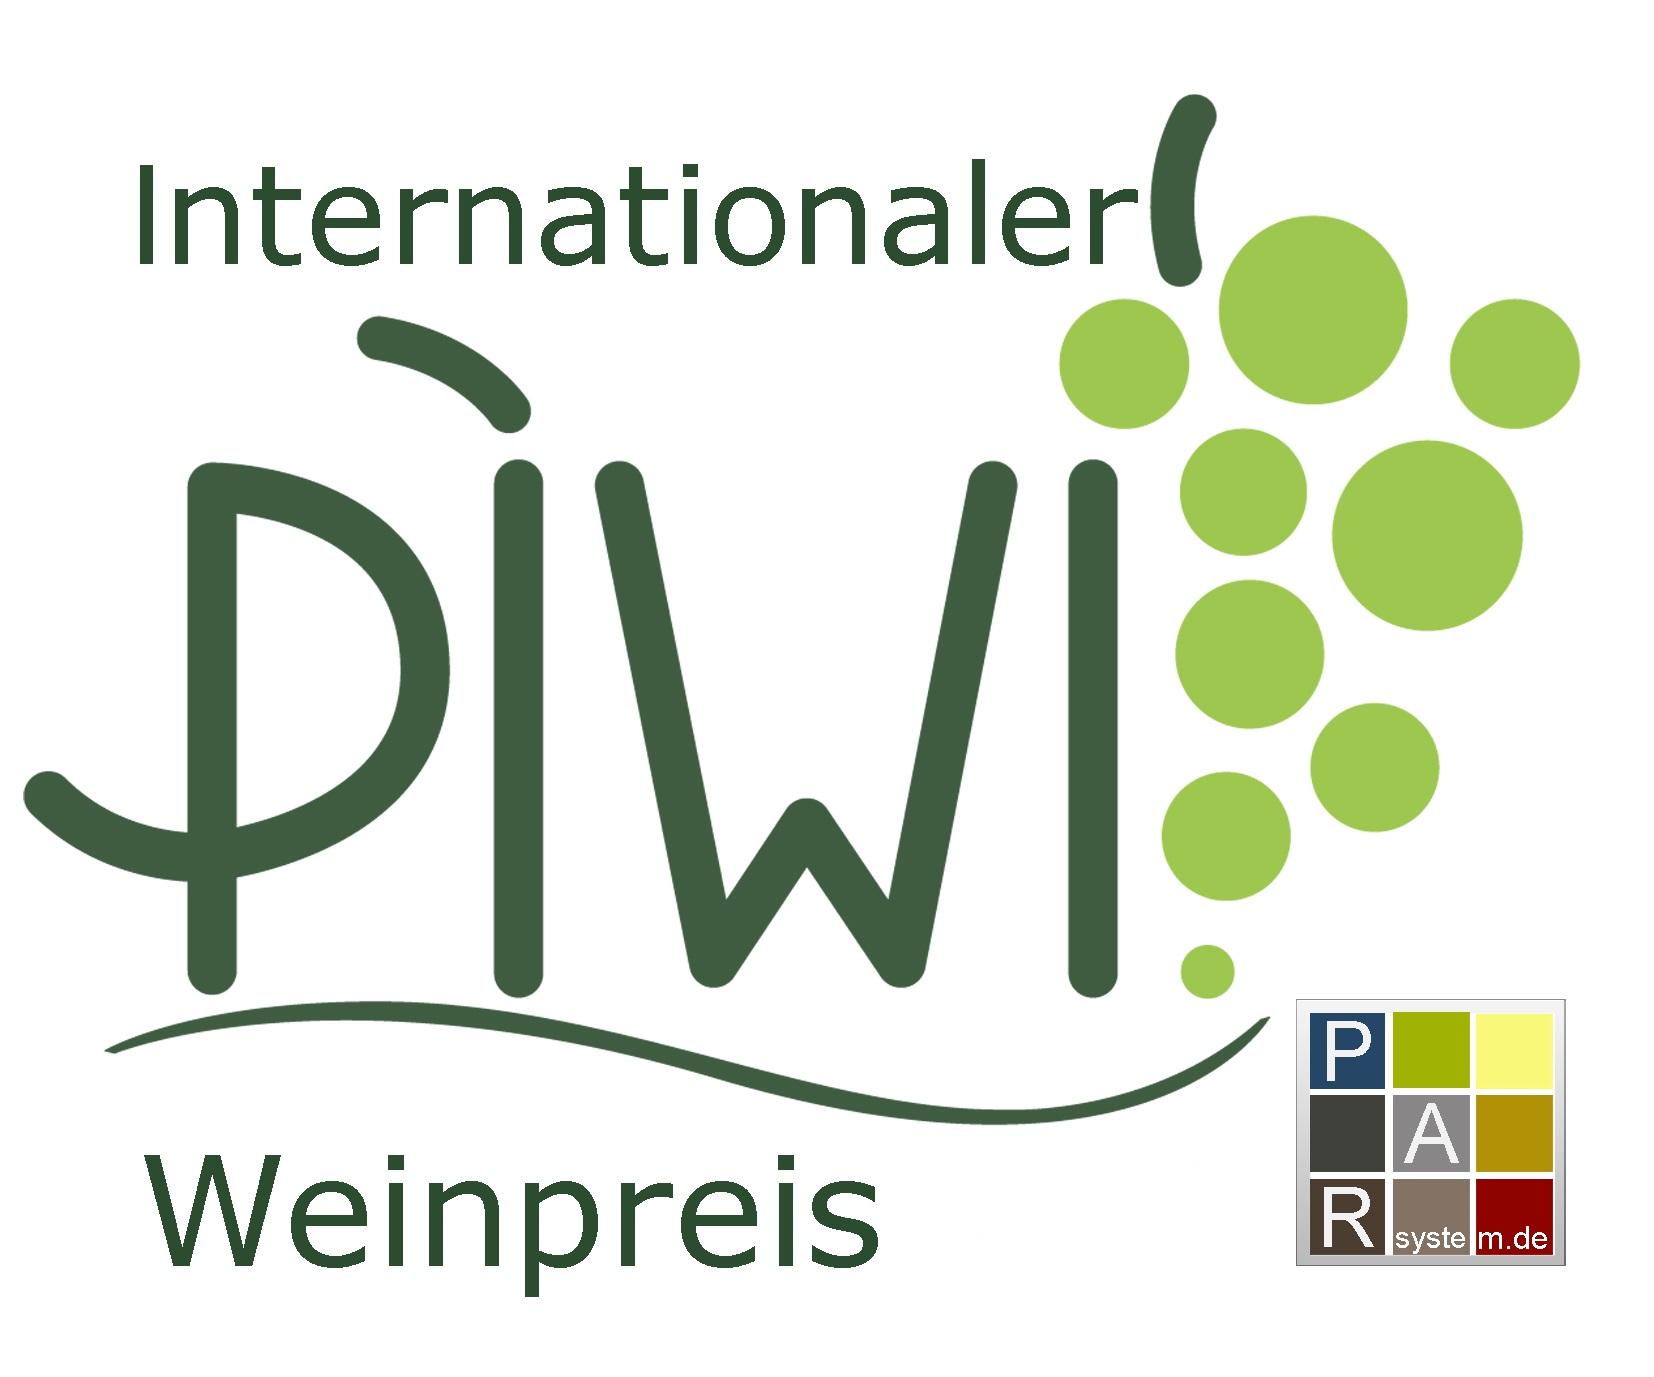 PIWI-PAR-Logo